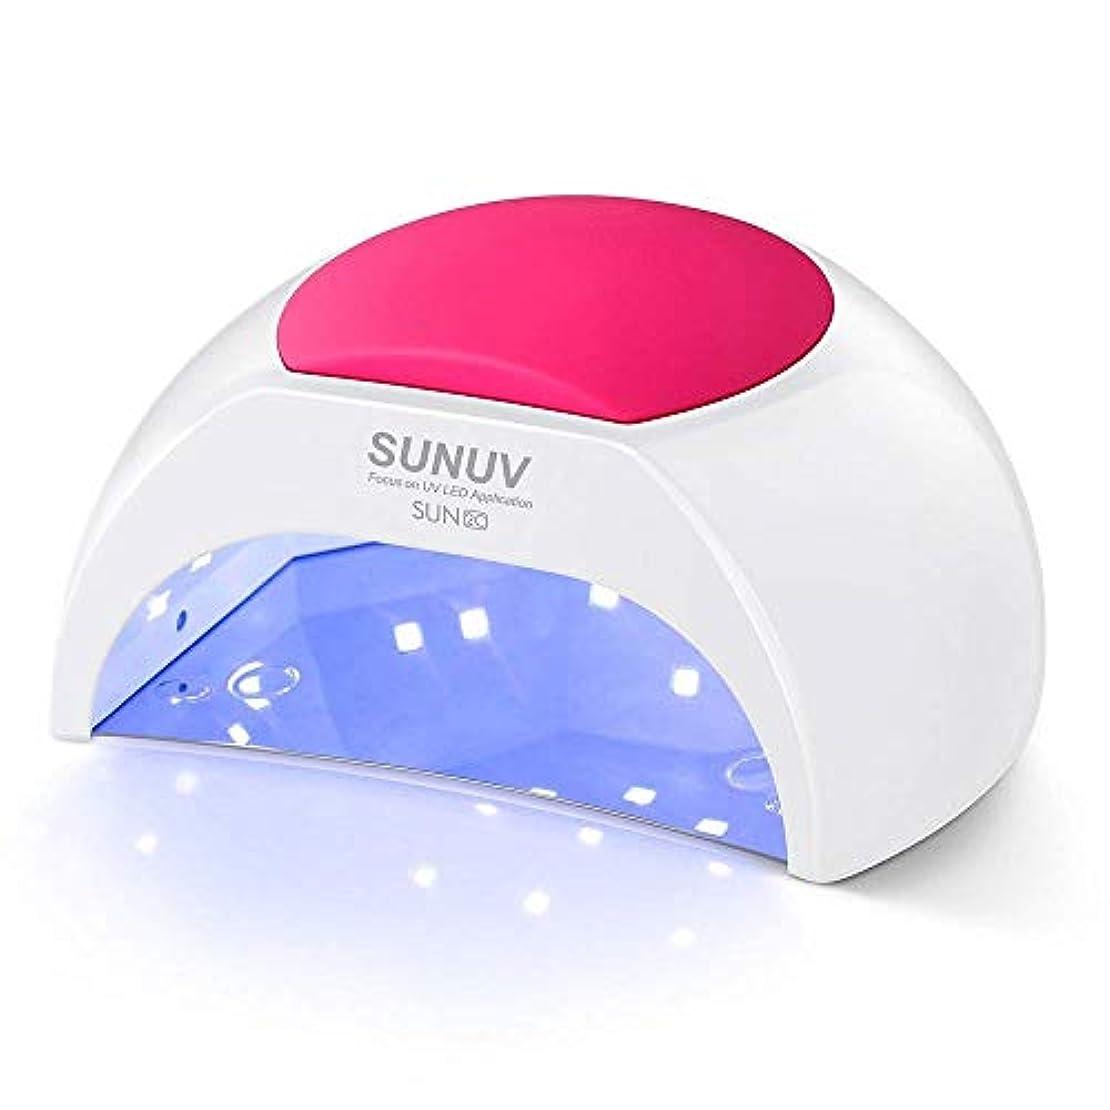 花弁トレッドトレッド48W UVネイルドライヤー、速乾性無痛スマート赤外線誘導ネイルジェルポリッシュ硬化LEDランプ33デュアル光源ビーズ&4タイミング設定